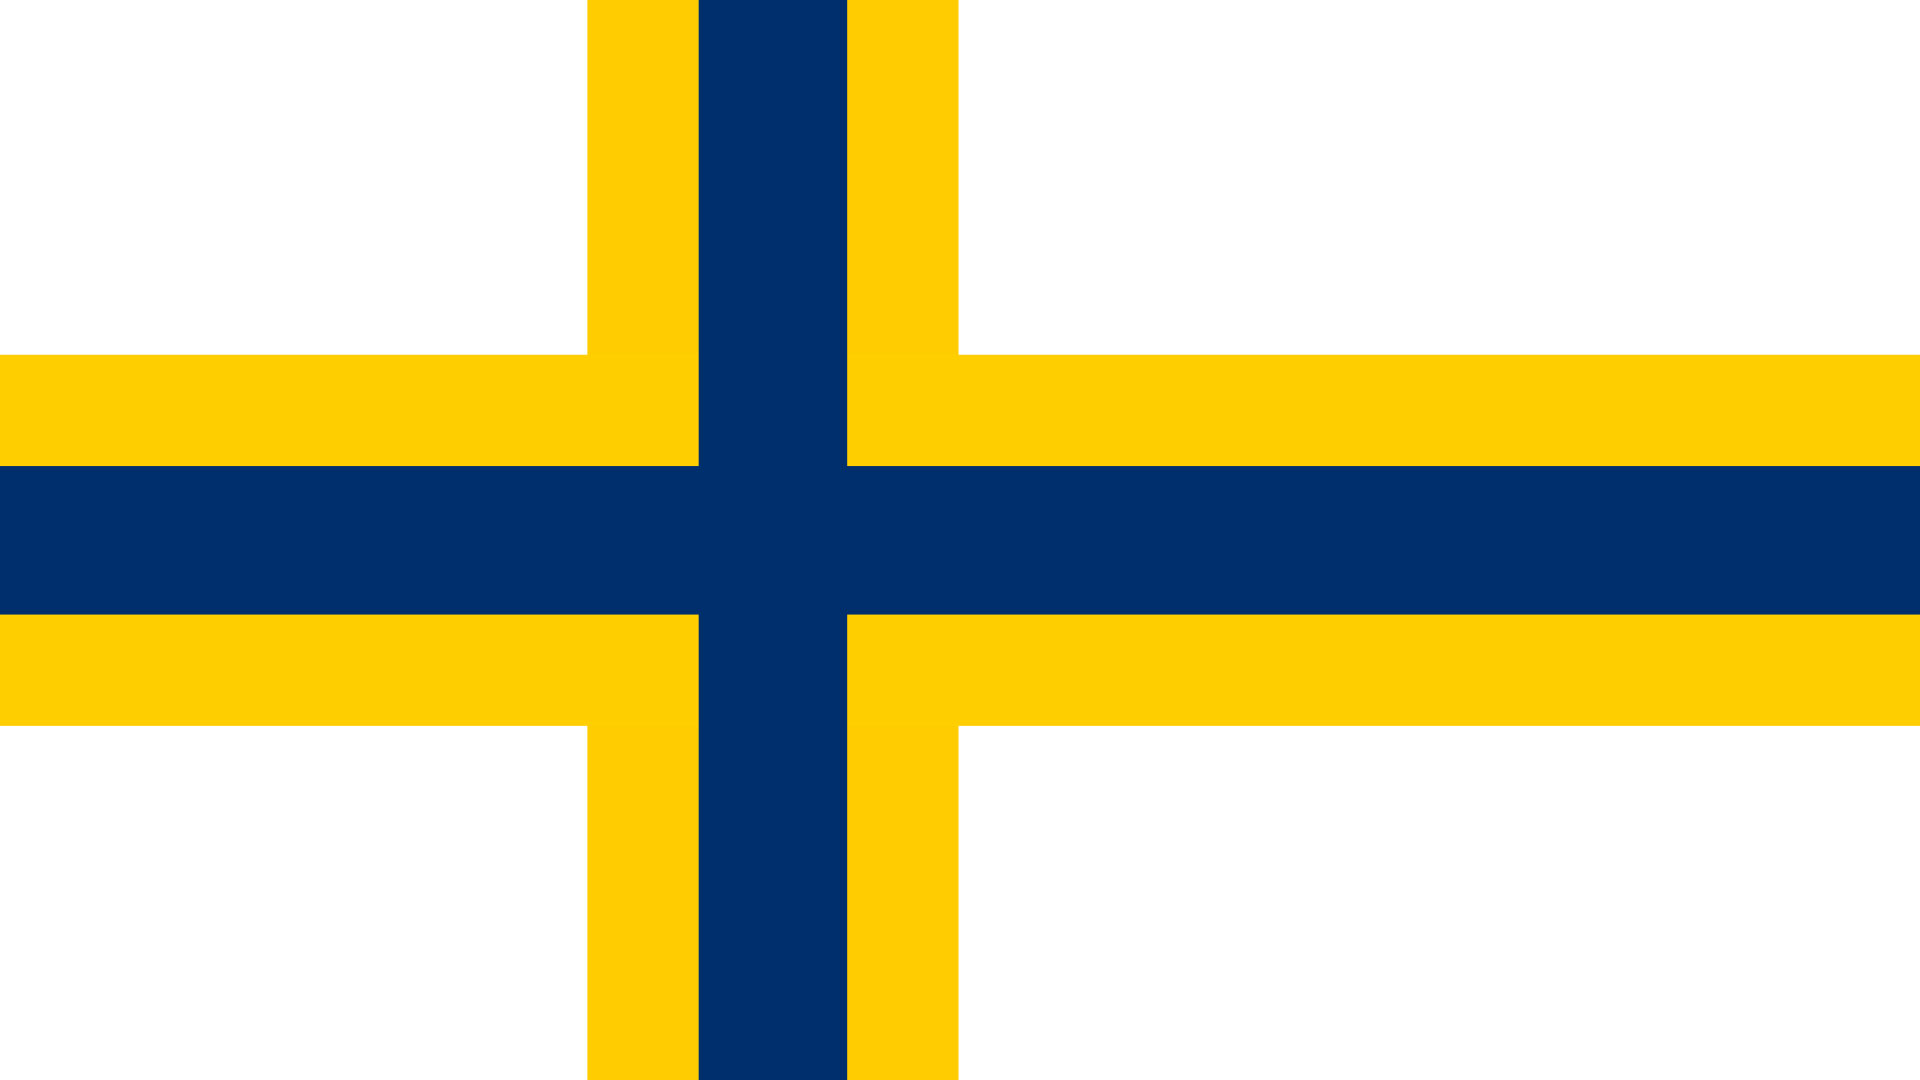 Sverigefinska flaggan, ett blått kors med gula ytterlinjer på vit bakgrund.